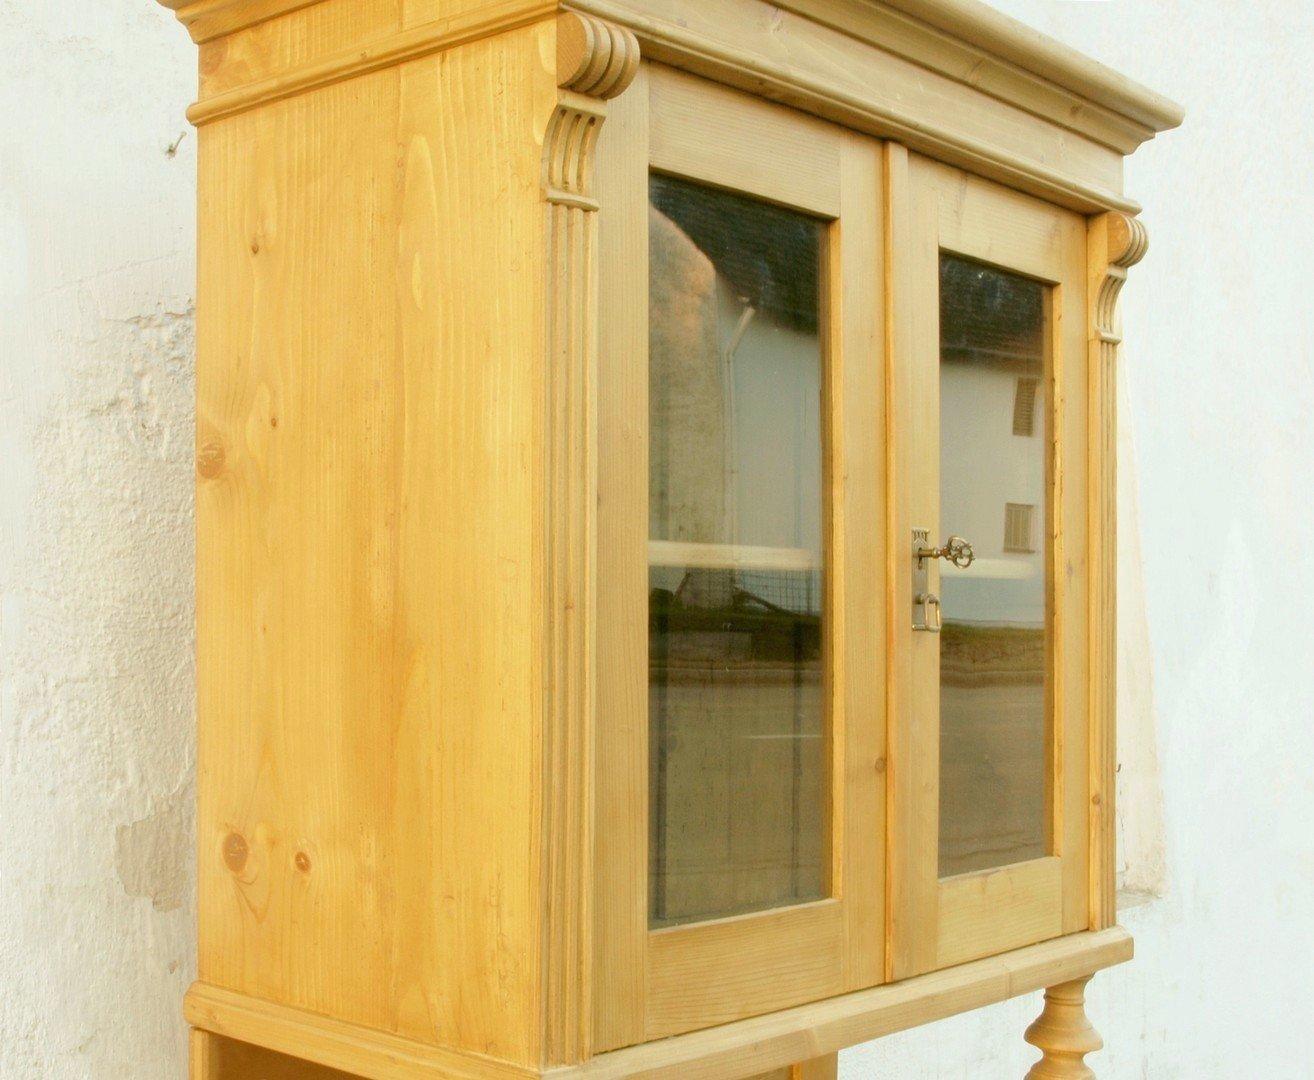 b086 k chenbuffet bauernbufett k chenschrank im gr nderzeitstil fichtenholz 86 cm antik m bel. Black Bedroom Furniture Sets. Home Design Ideas